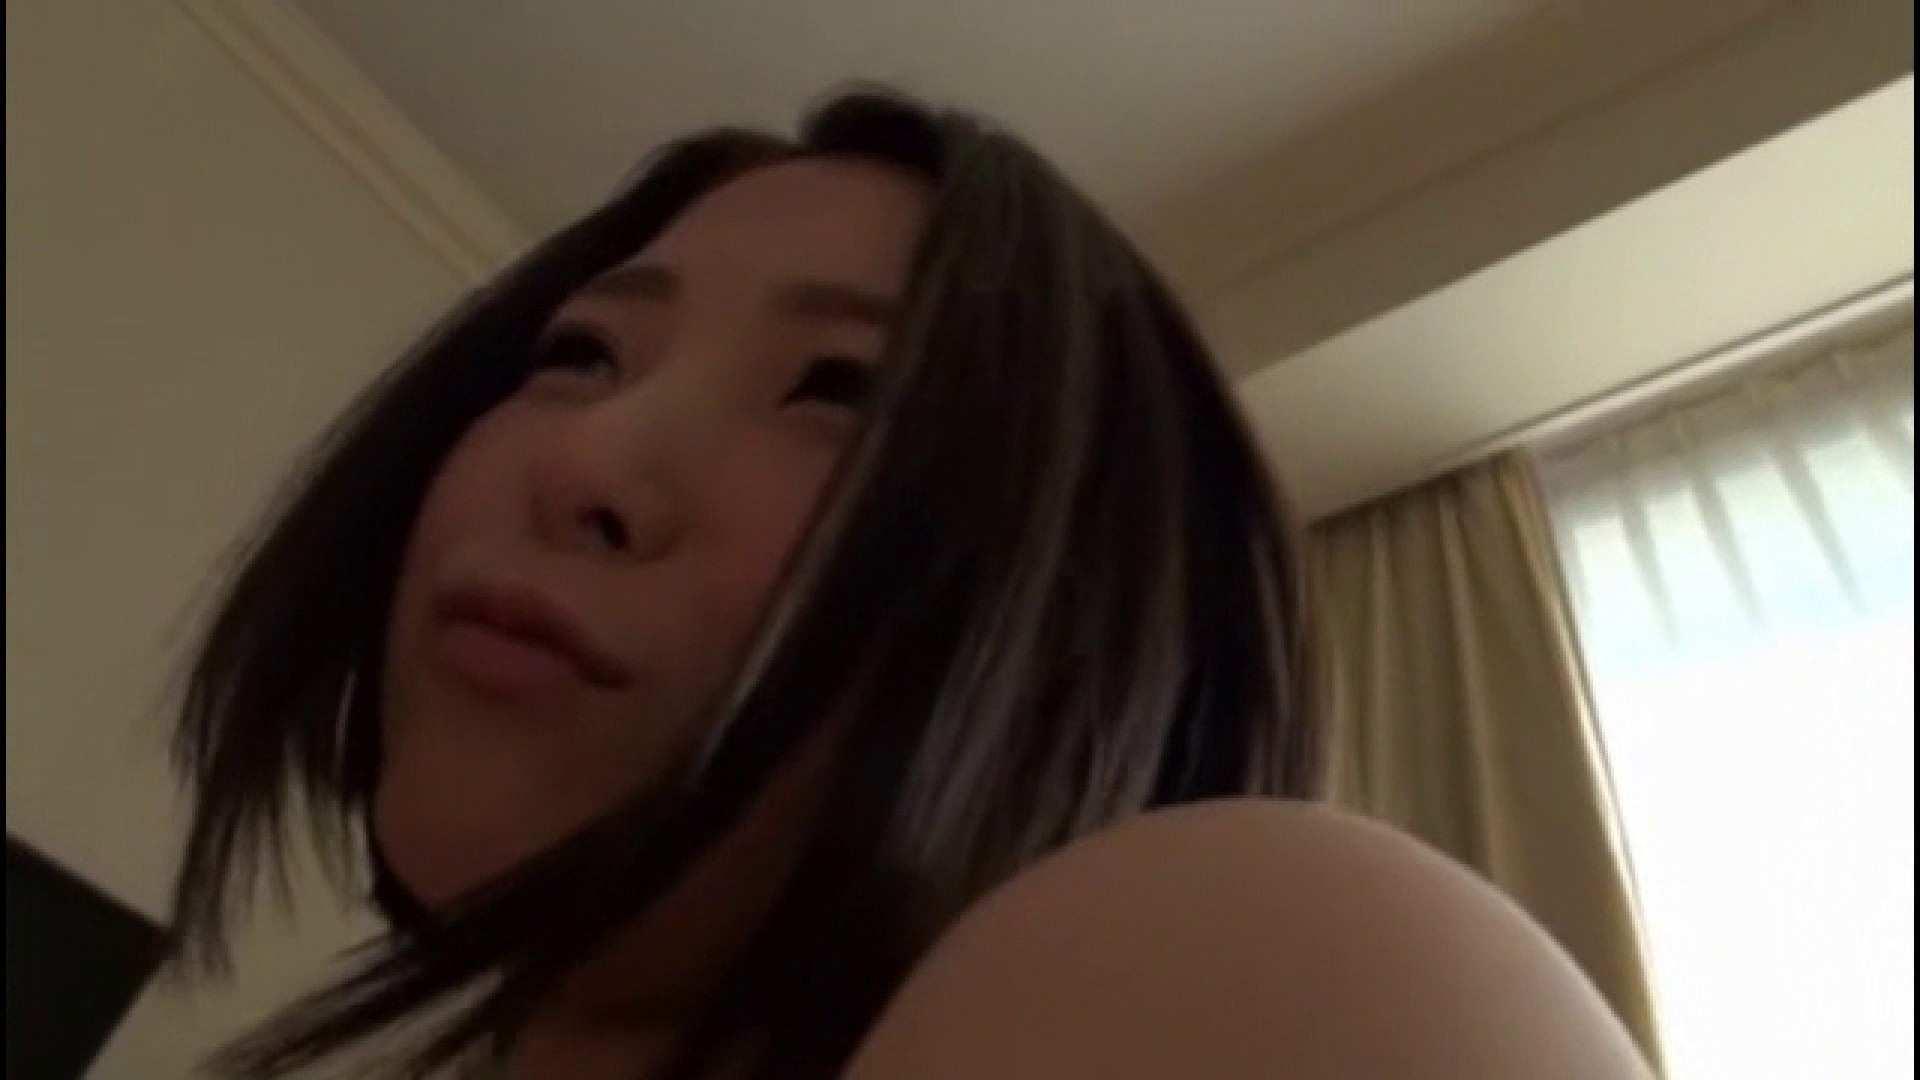 おしえてギャル子のH塾 Vol.45前編 ギャルのエロ動画 オメコ無修正動画無料 61pic 48